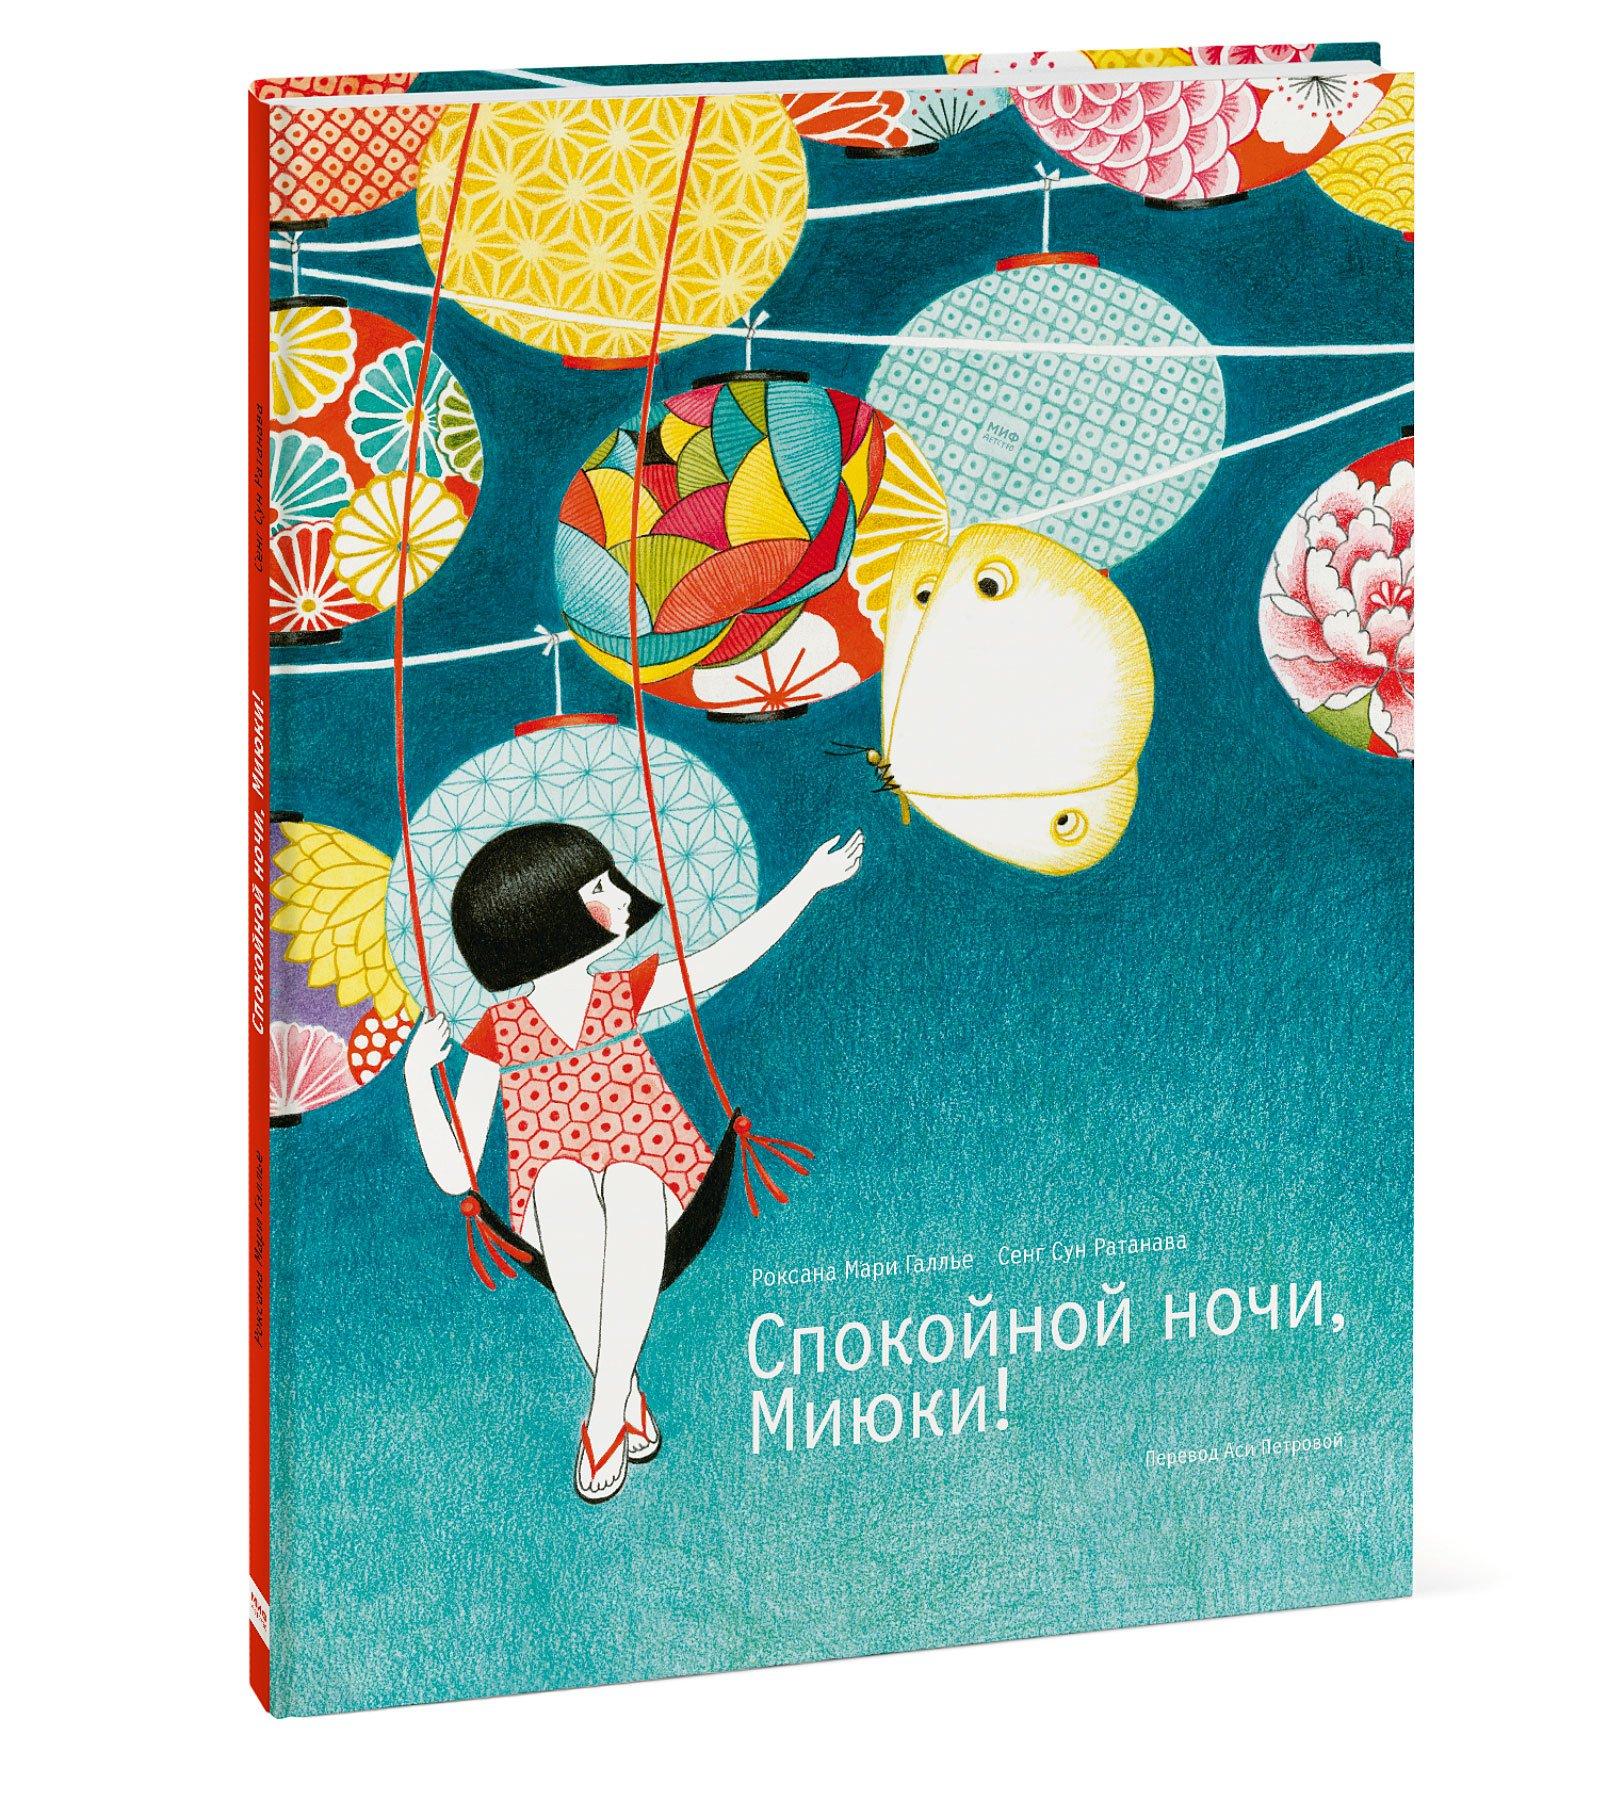 Роксана Мари Галлье (автор), Сенг Сун Ратанава (иллюстратор) Спокойной ночи, Миюки! миюки миябэ виртуальная семья